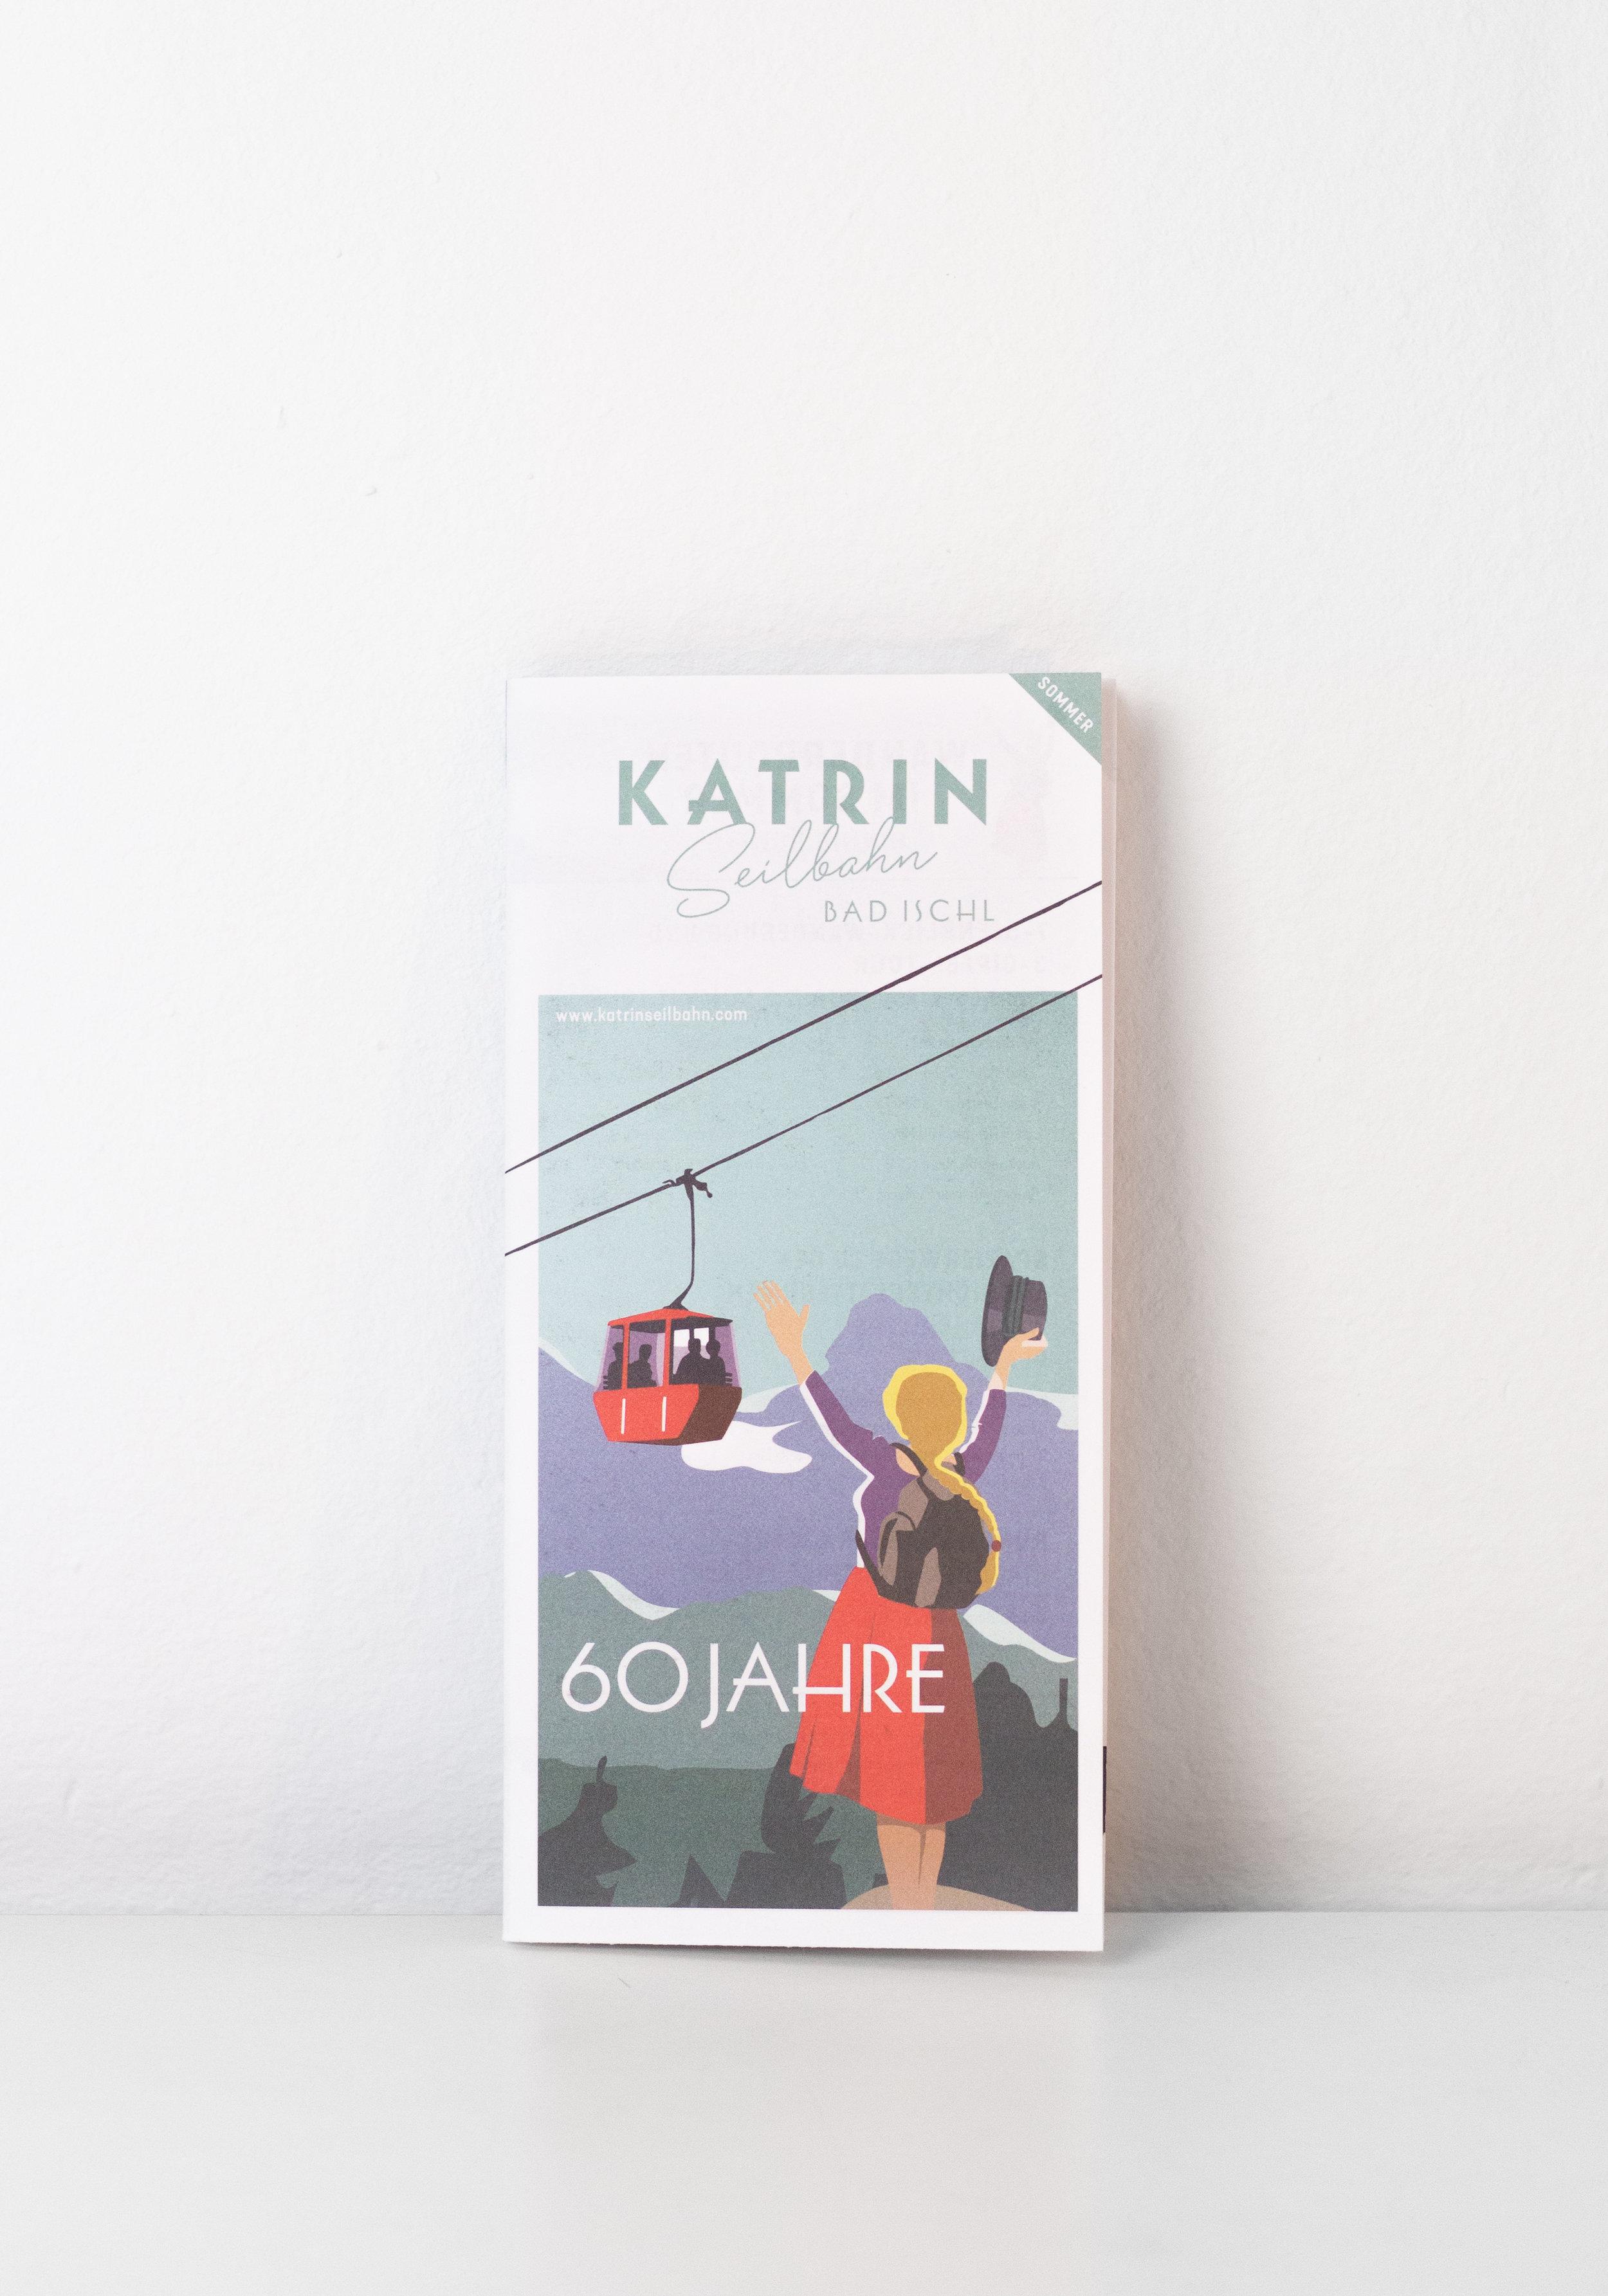 Katrin_folder_2019 (4 von 11).jpg